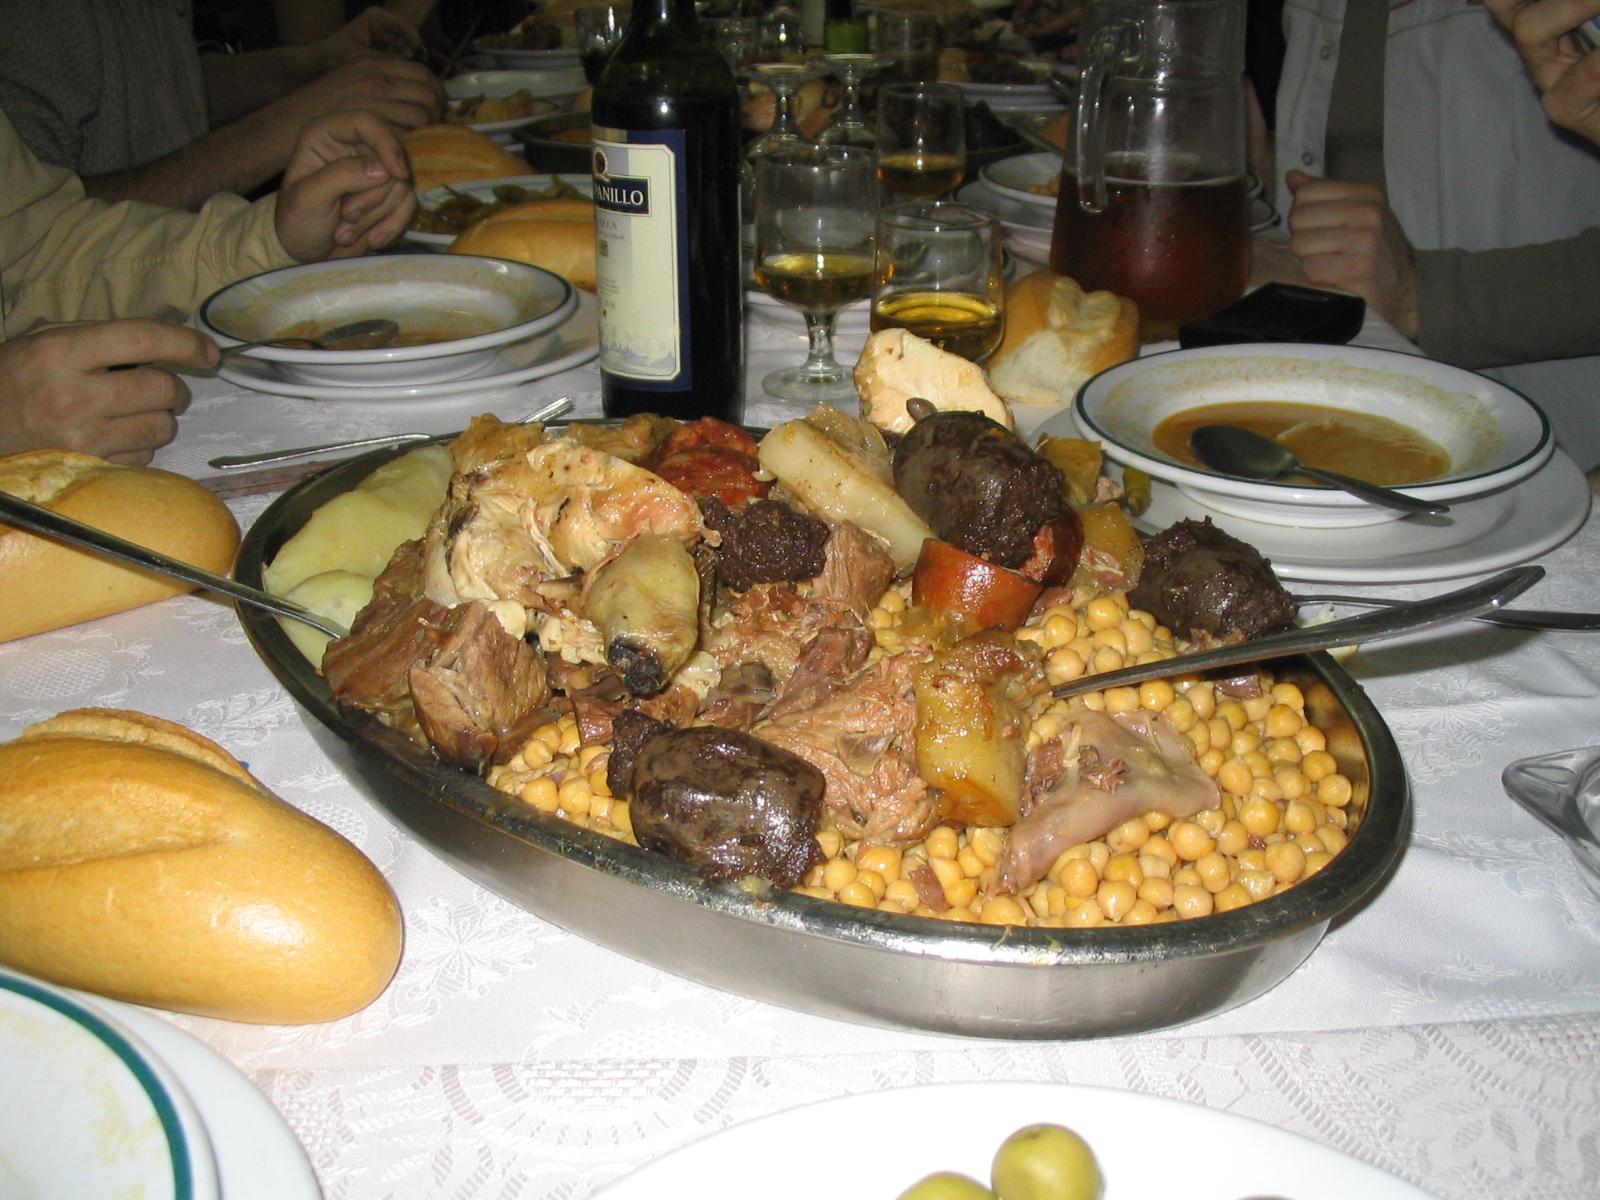 Cocina Madrileña | Gastronomia De Madrid Wikipedia La Enciclopedia Libre